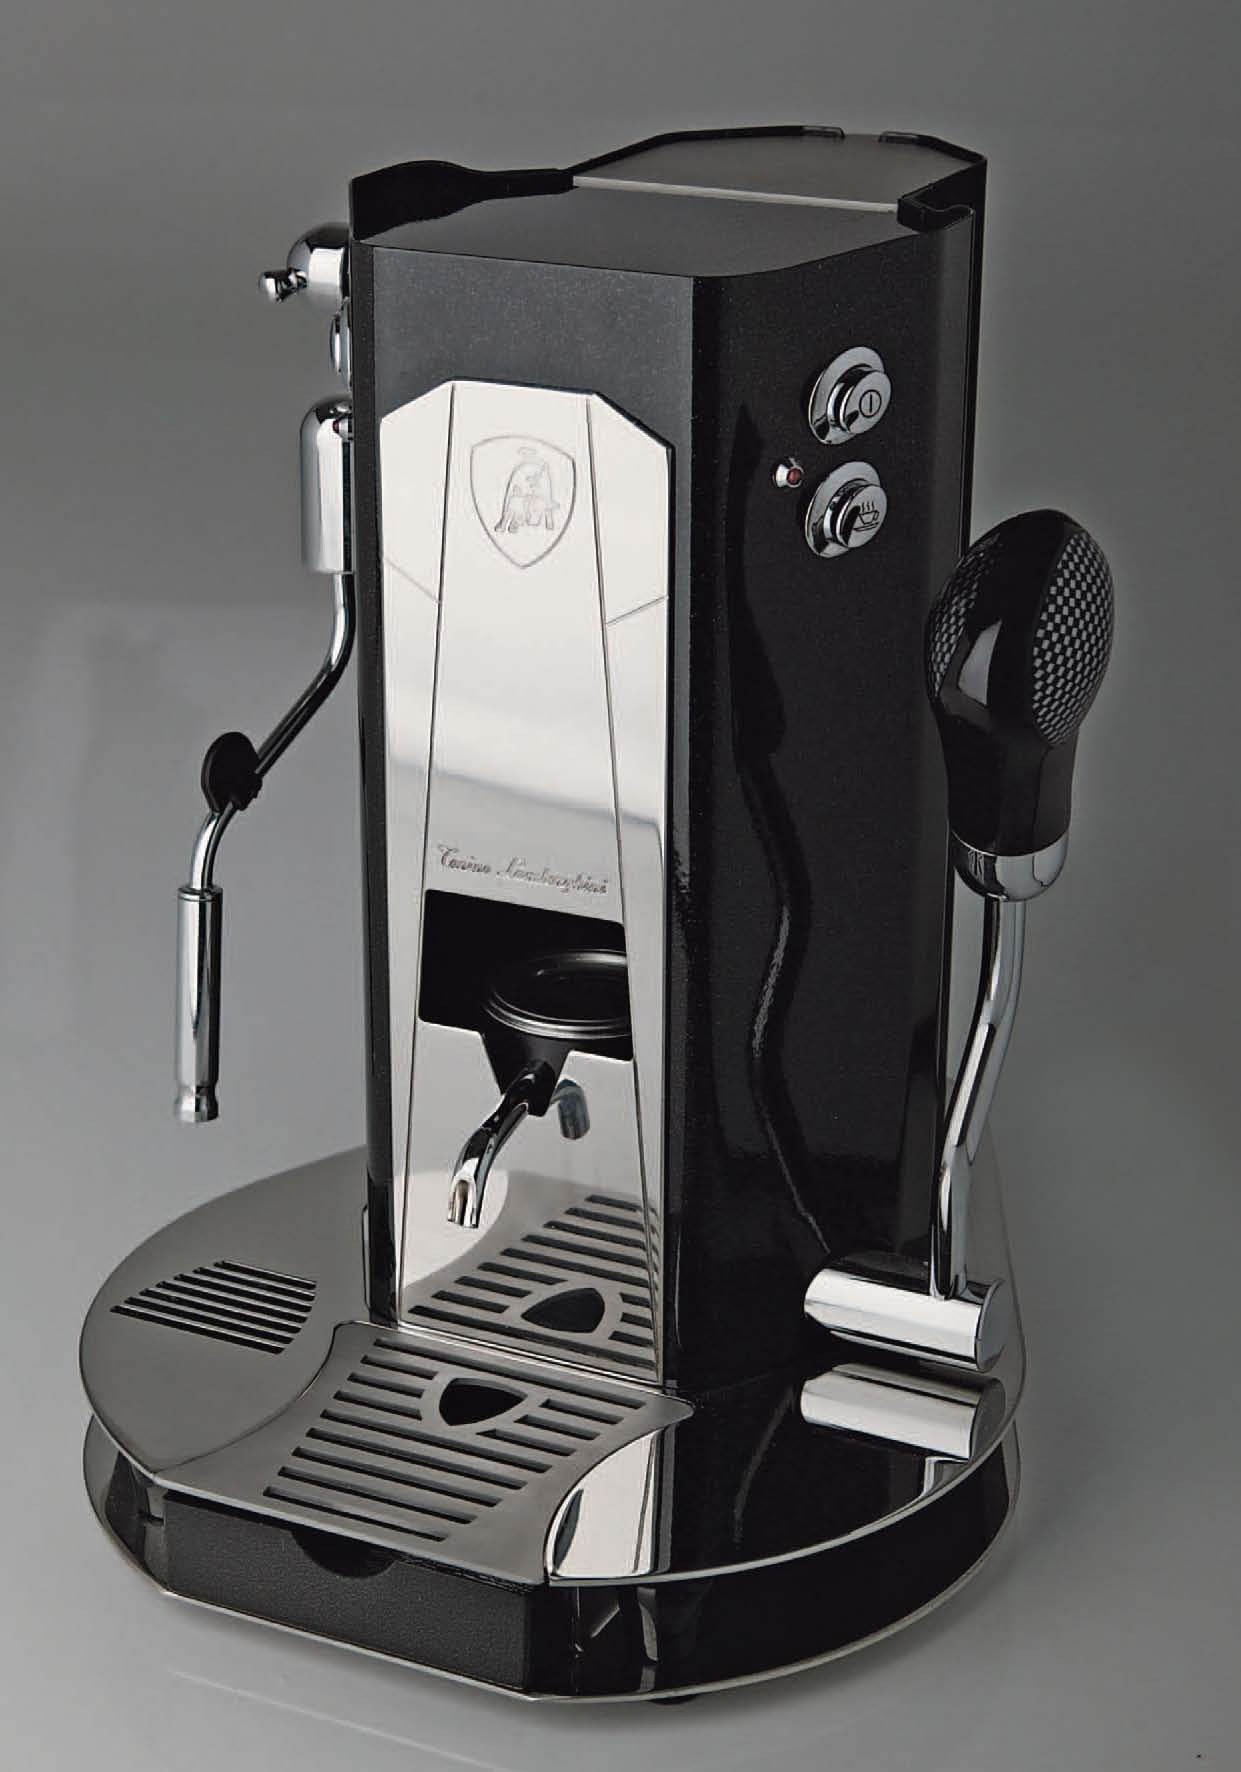 Cafetera Edición Limitada de Lamborghini